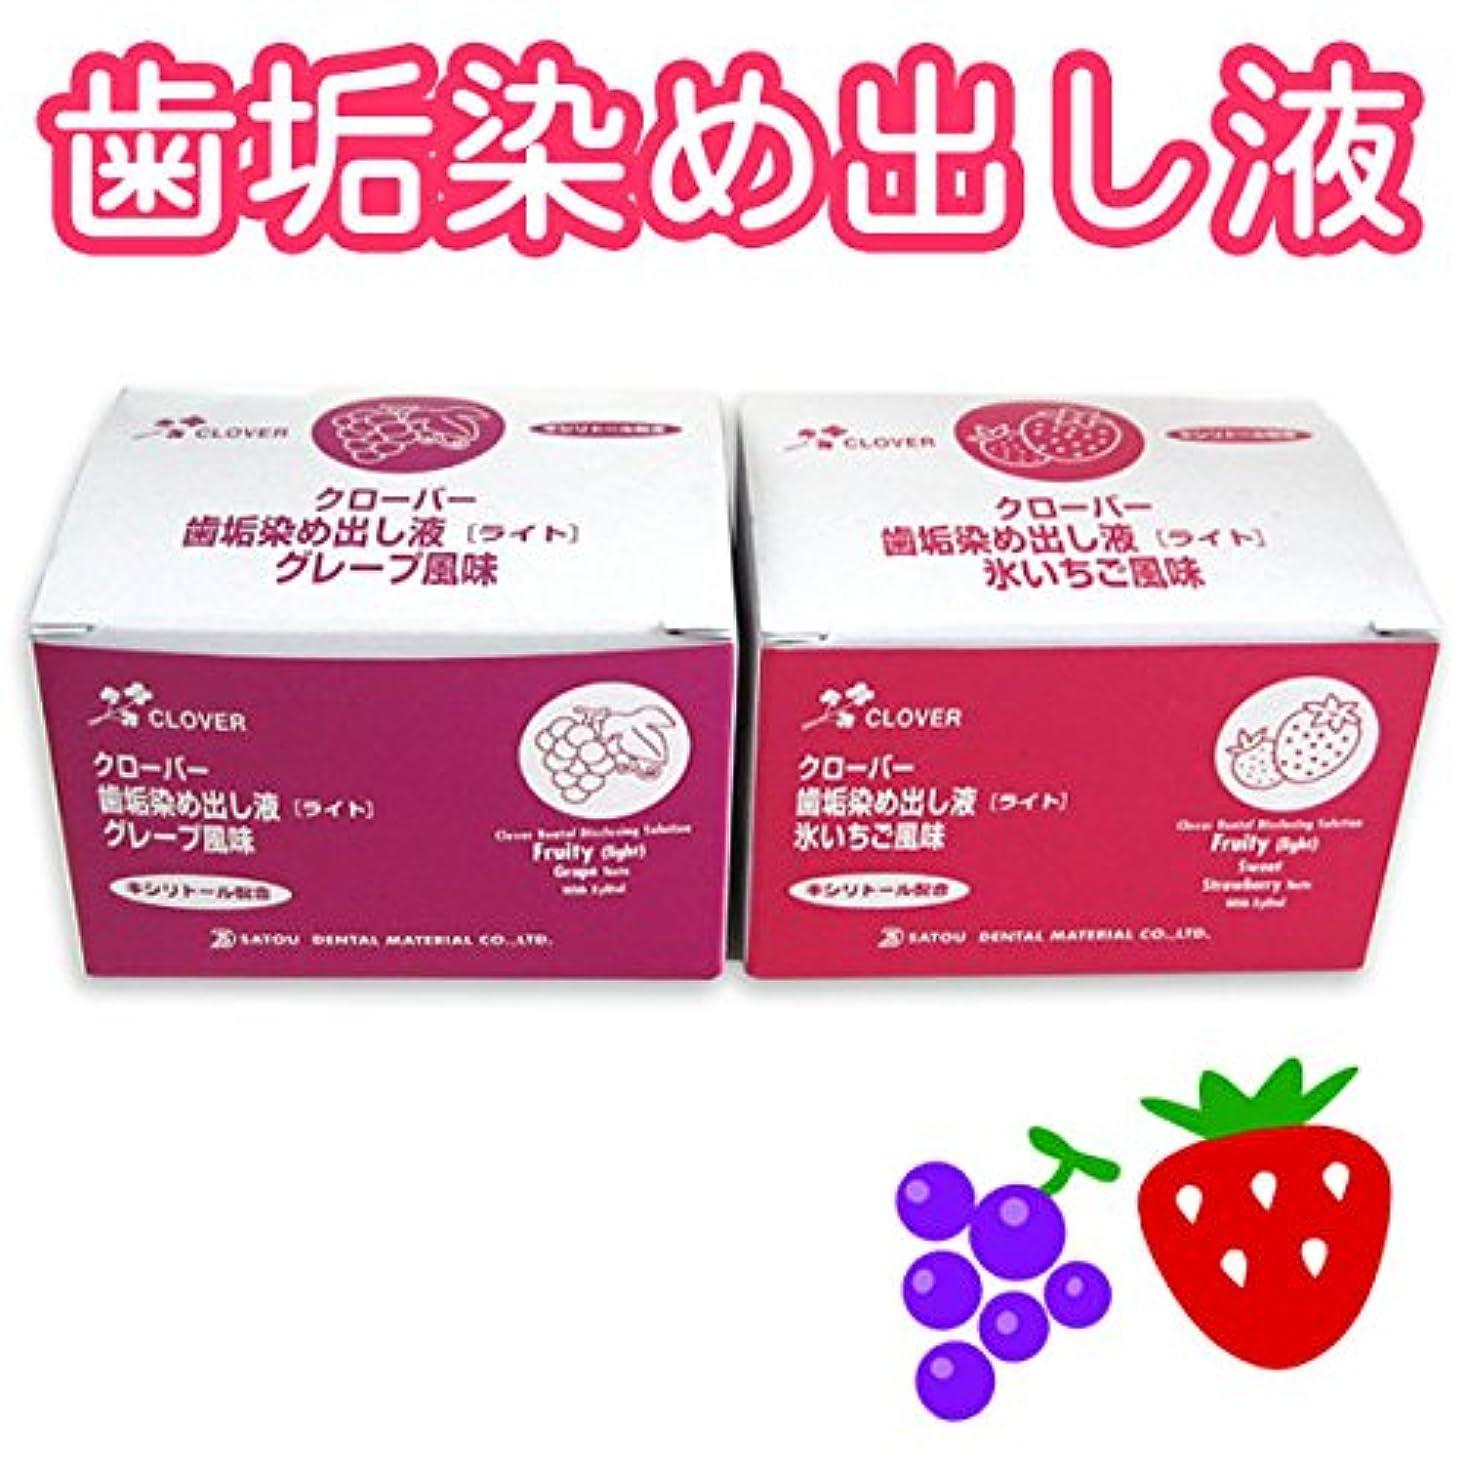 染色リベラルクラックポット12個入 クローバー 歯垢染め出し液ライト フルーツの香り 5ml (氷いちご)